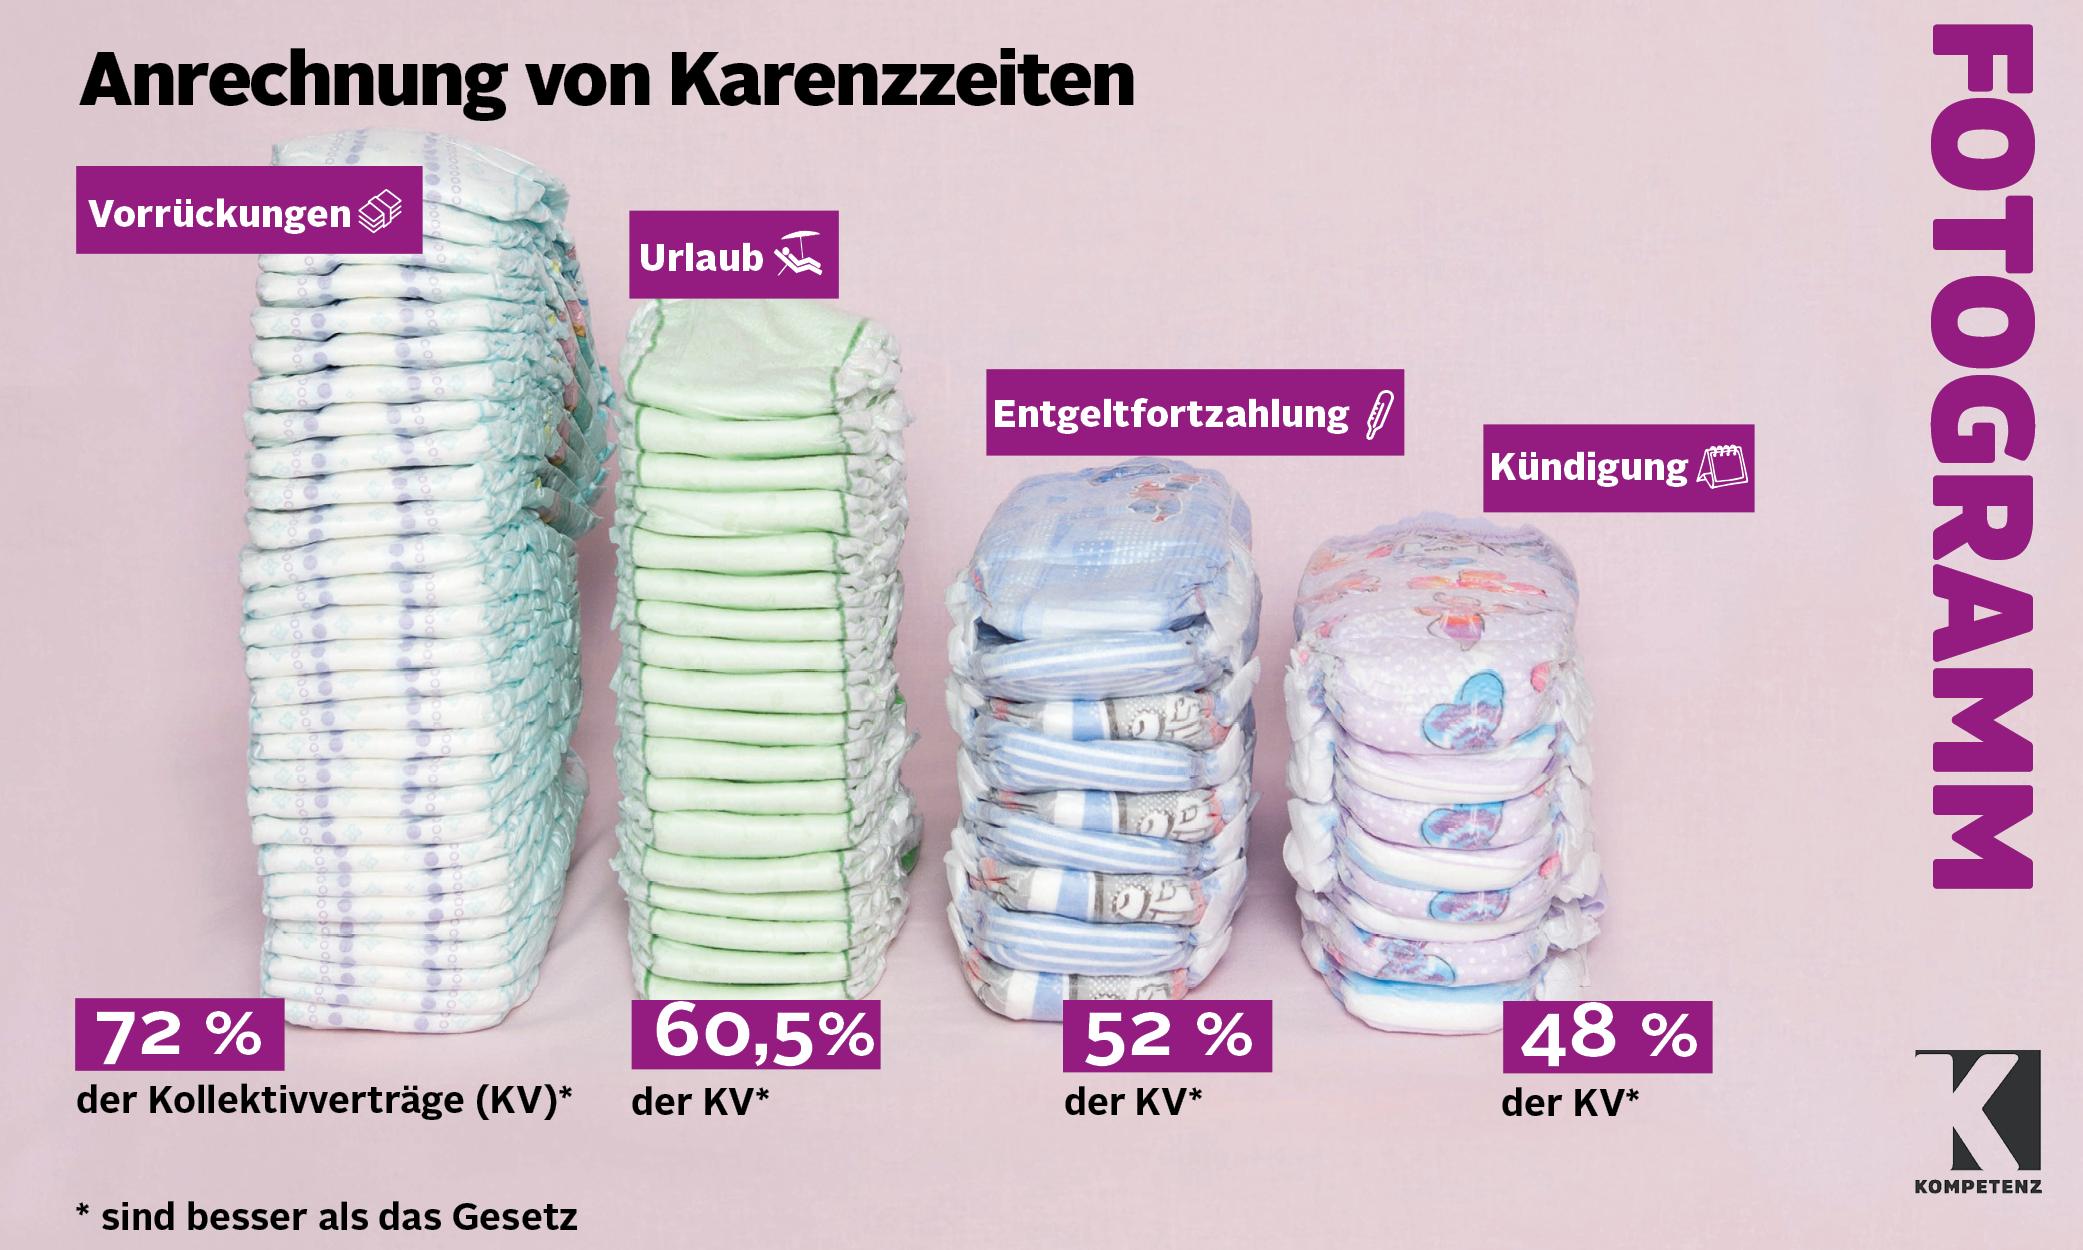 Grafik: Anrechnung von Karenzzeiten